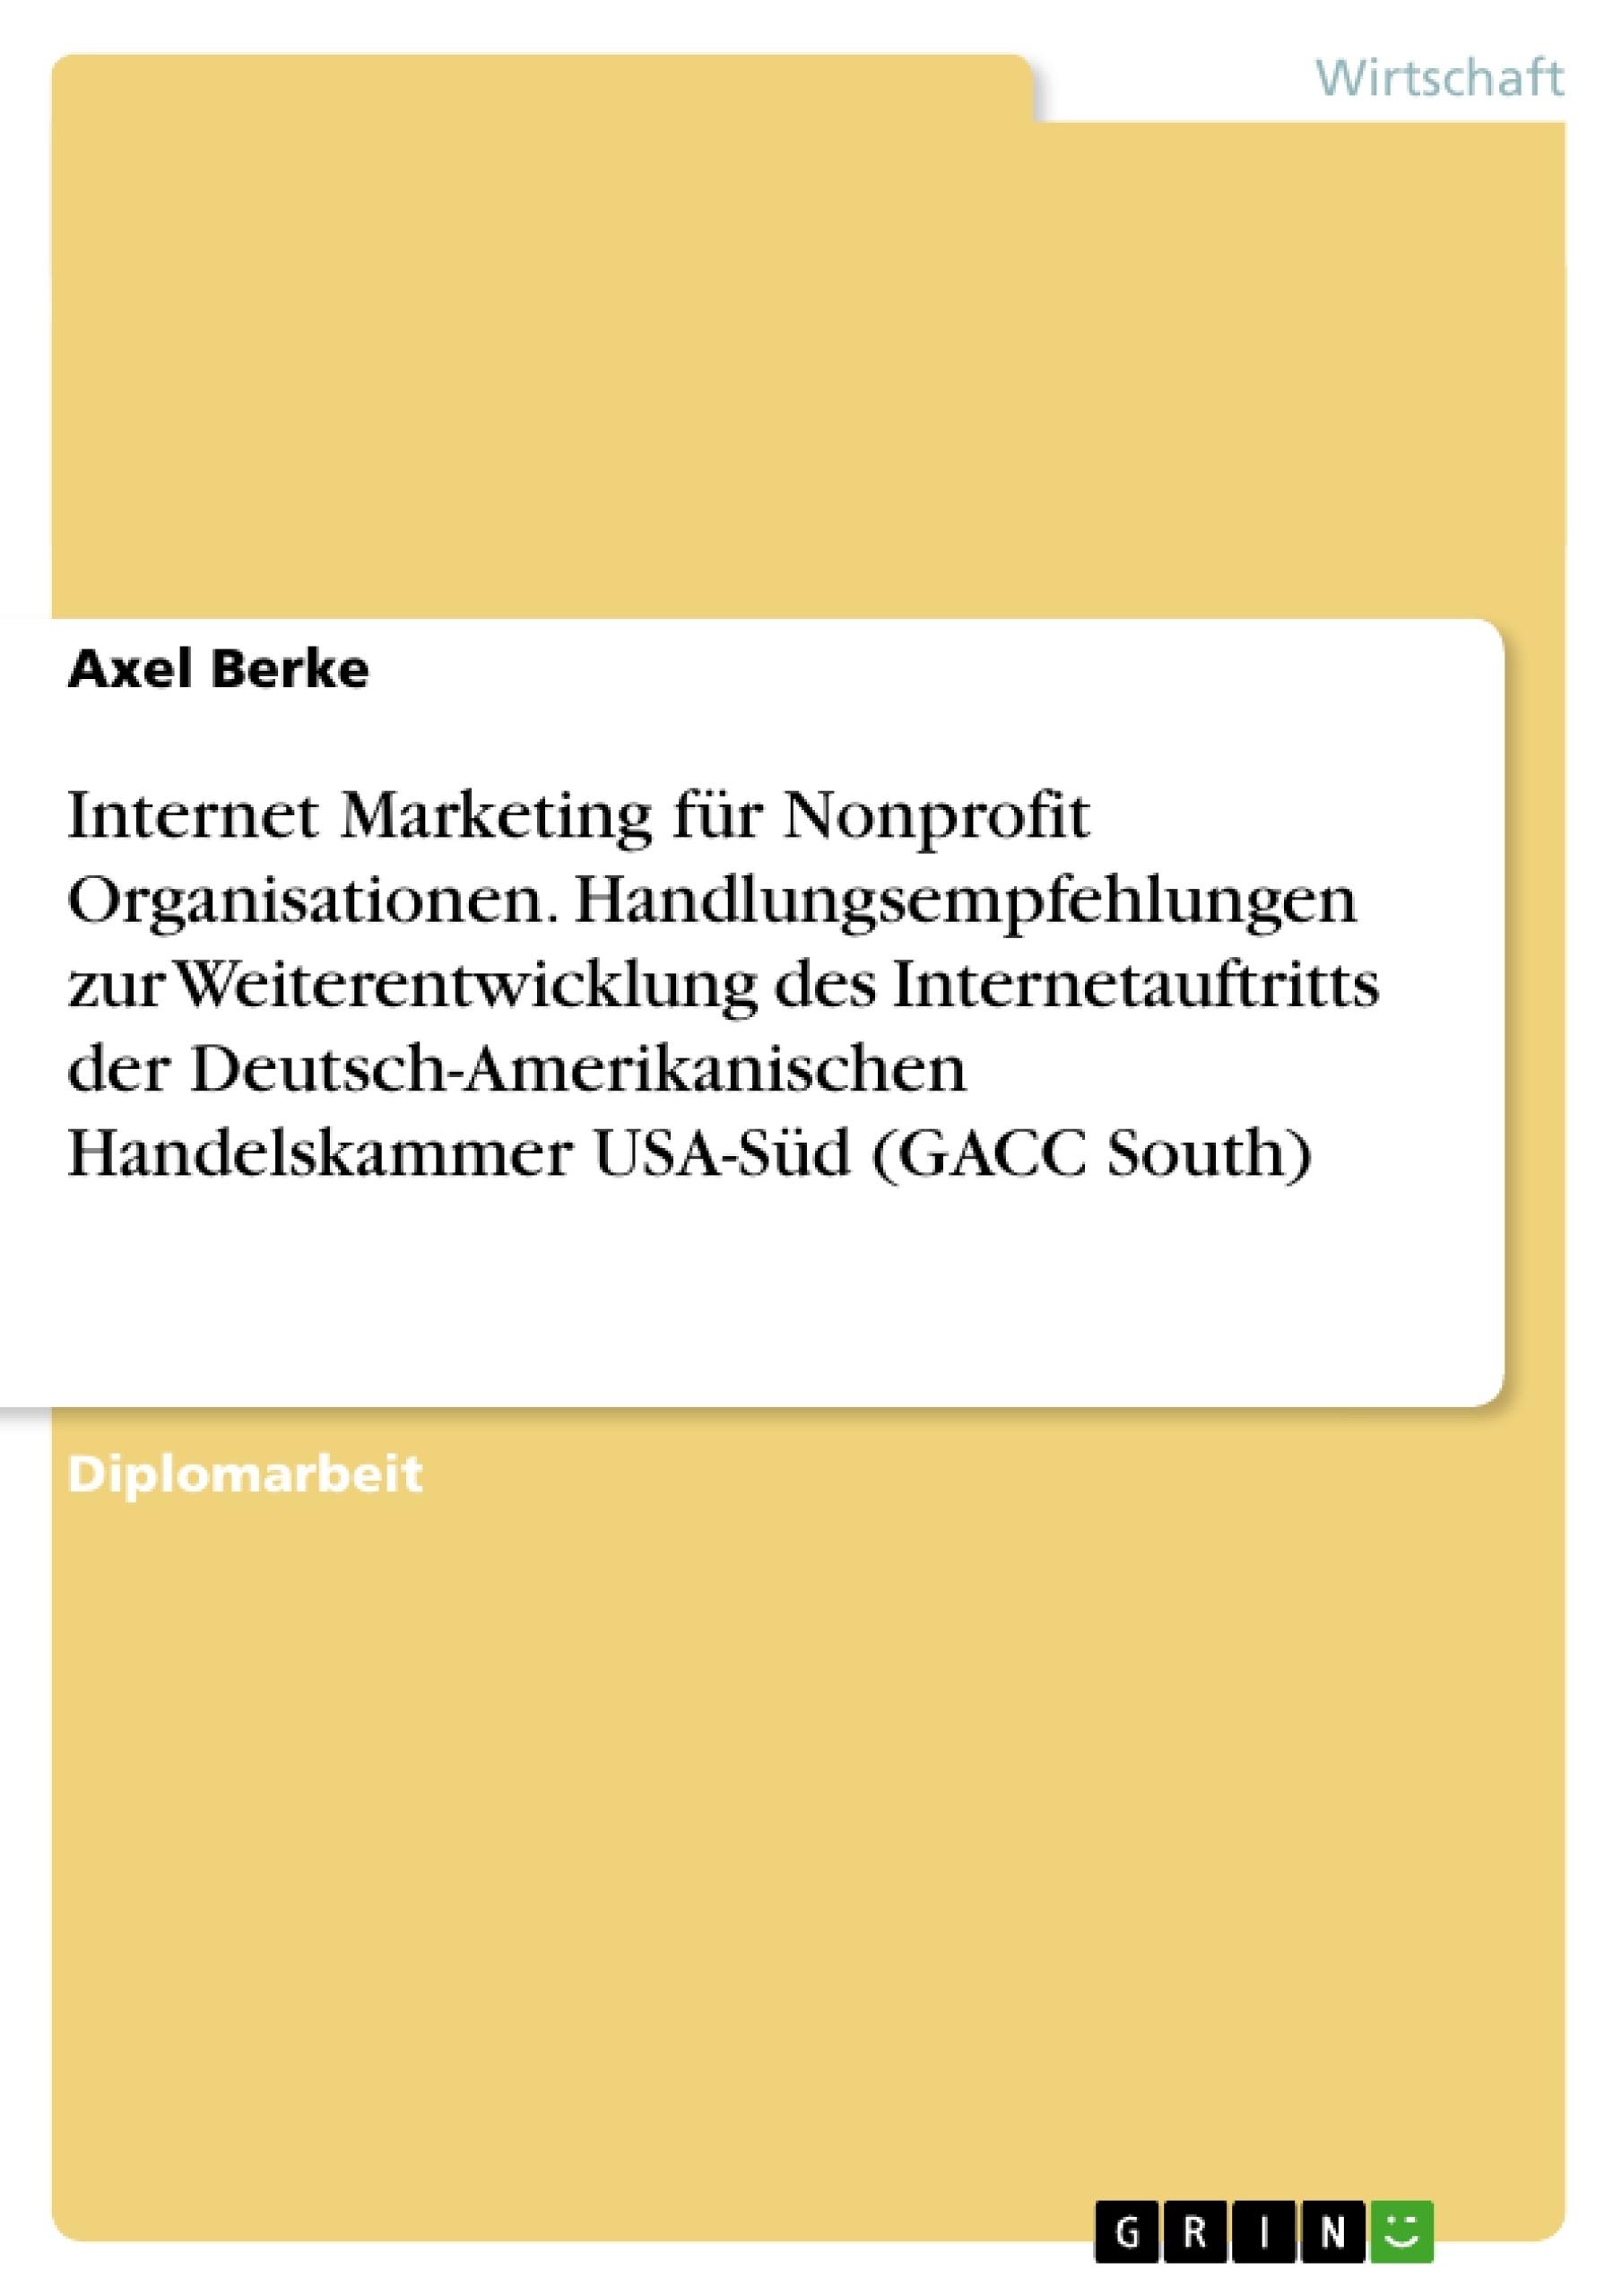 Titel: Internet Marketing für Nonprofit Organisationen. Handlungsempfehlungen zur Weiterentwicklung des Internetauftritts der Deutsch-Amerikanischen Handelskammer USA-Süd (GACC South)